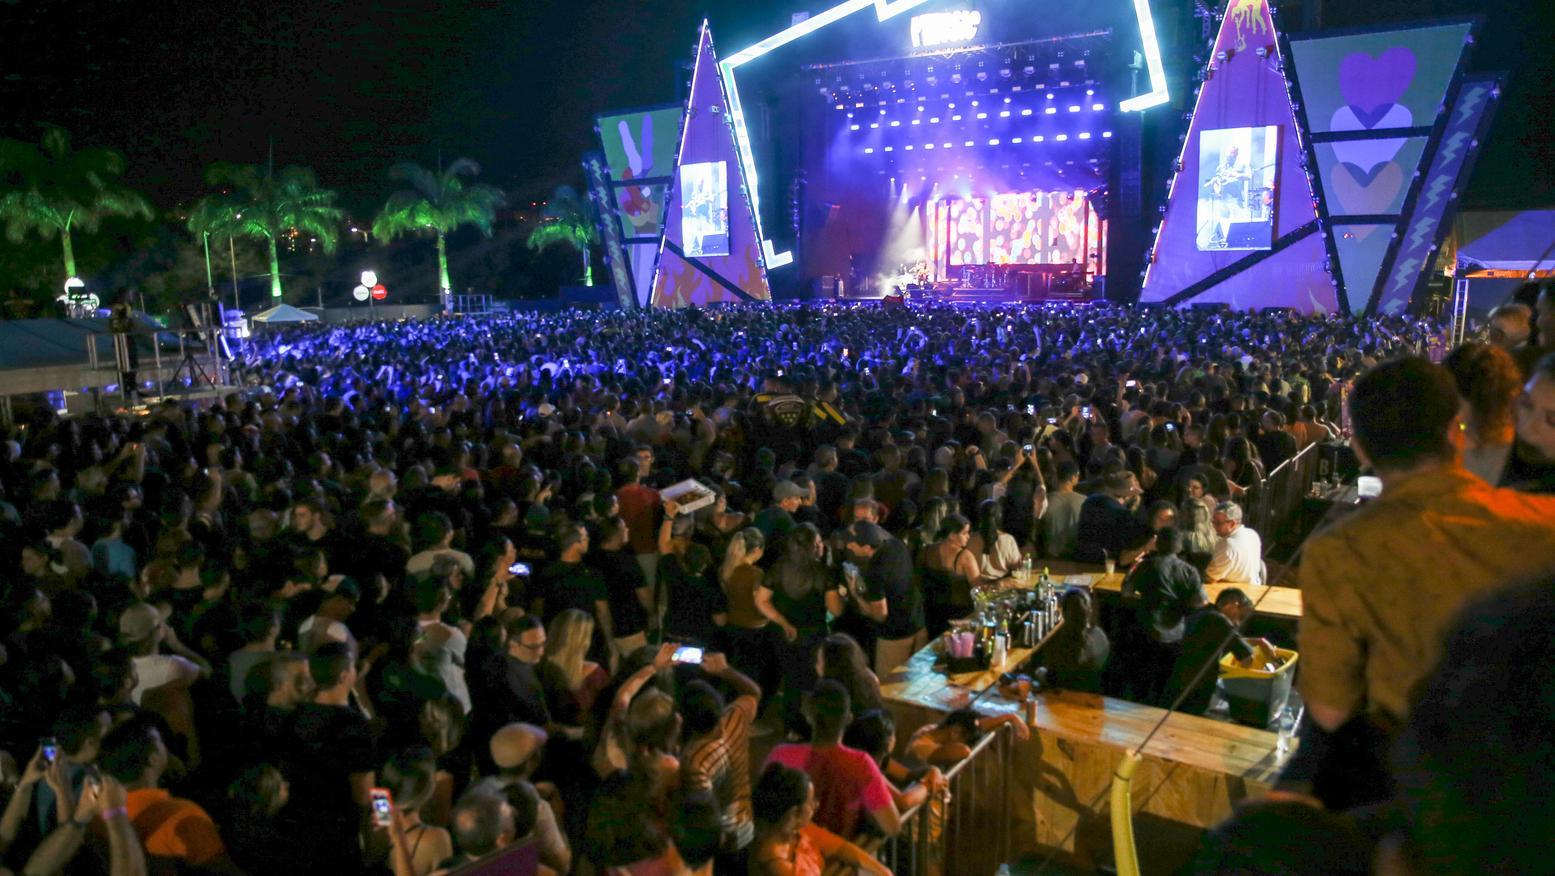 show - AGLOMERAÇÃO: casas de shows são notificadas e têm shows suspensos em Campina Grande